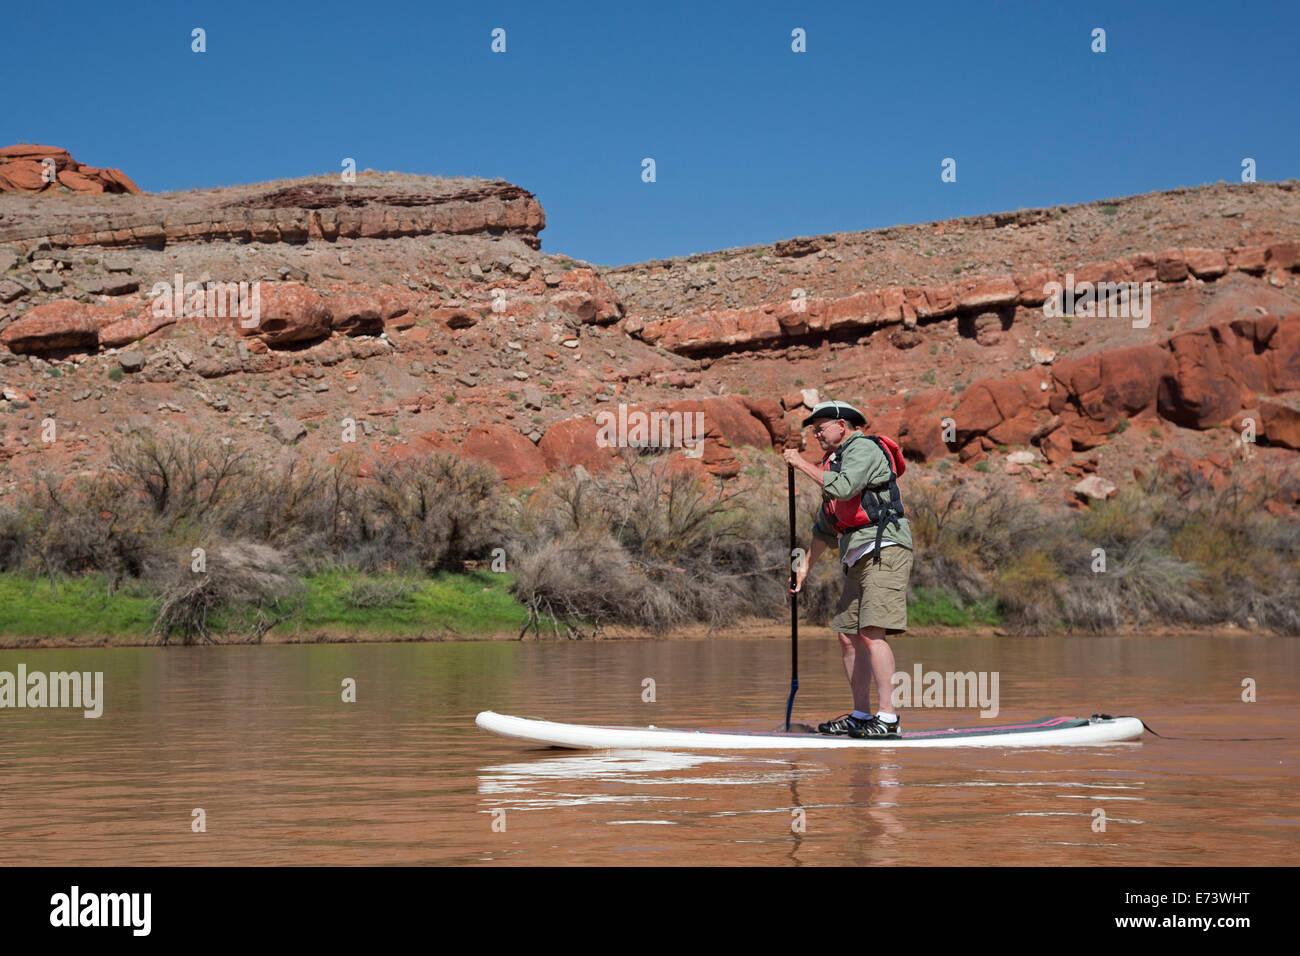 Il Parco Nazionale di Canyonlands, Utah - John West, 67, pagaie un gonfiabile stand up paddleboard durante un viaggio Immagini Stock